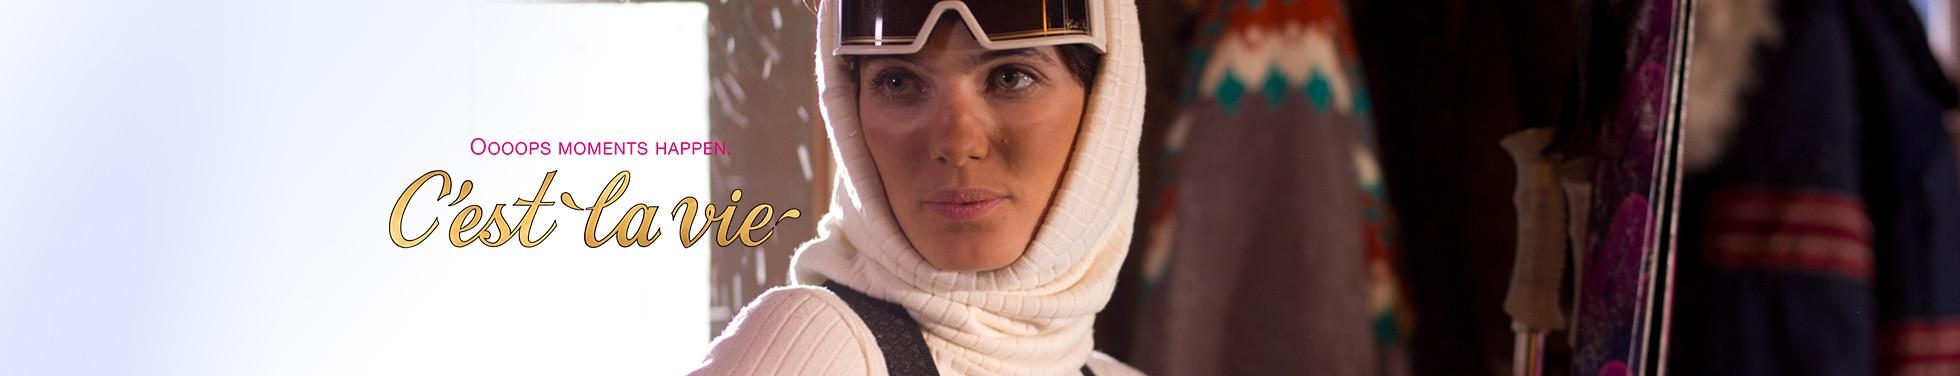 Gebruinde vrouw met witte huid waar een skibril heeft gezeten.